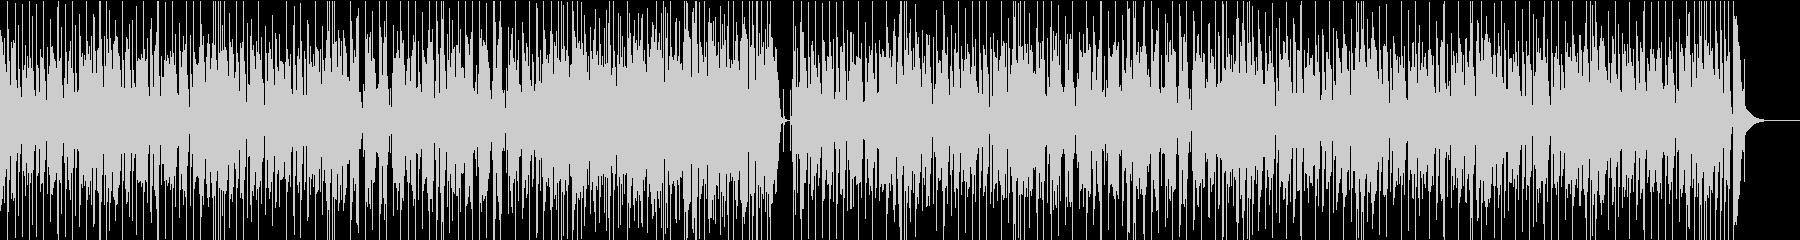 ファンク/アコギ/かっこいい/ノリノリの未再生の波形